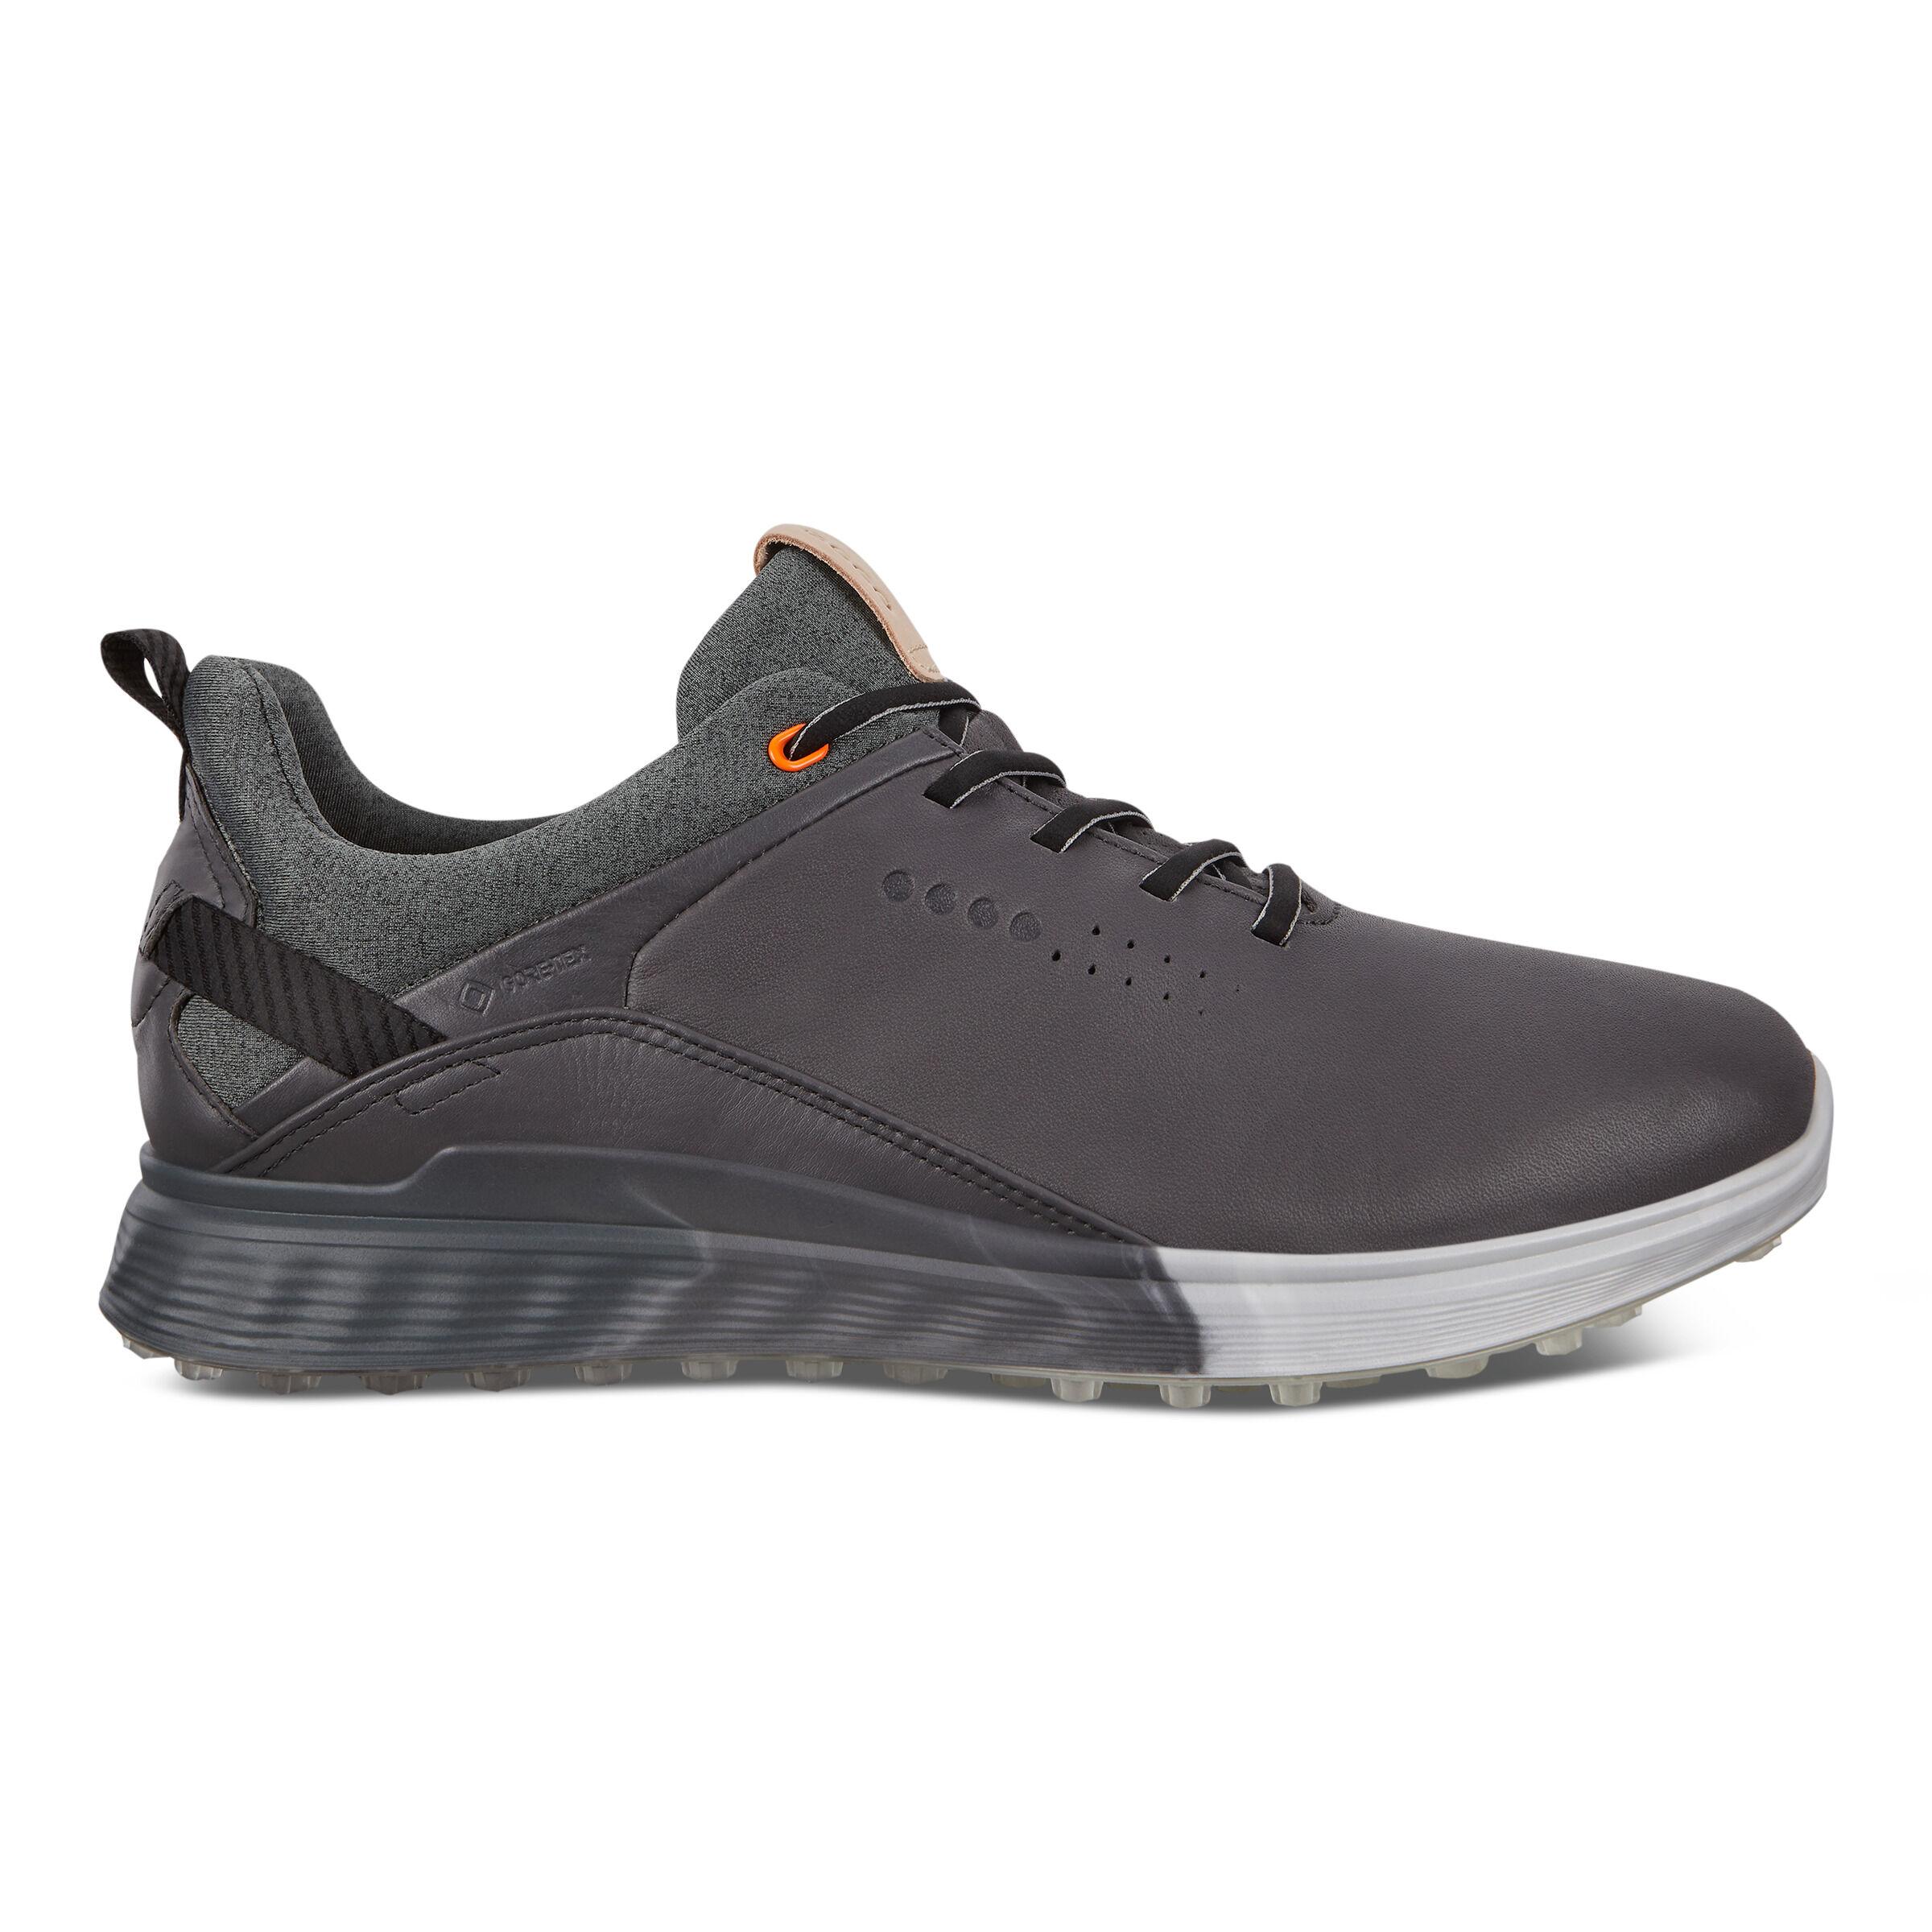 에코 맨 골프화 ECCO Mens S-Three Spikeless Golf Shoes,MAGNET